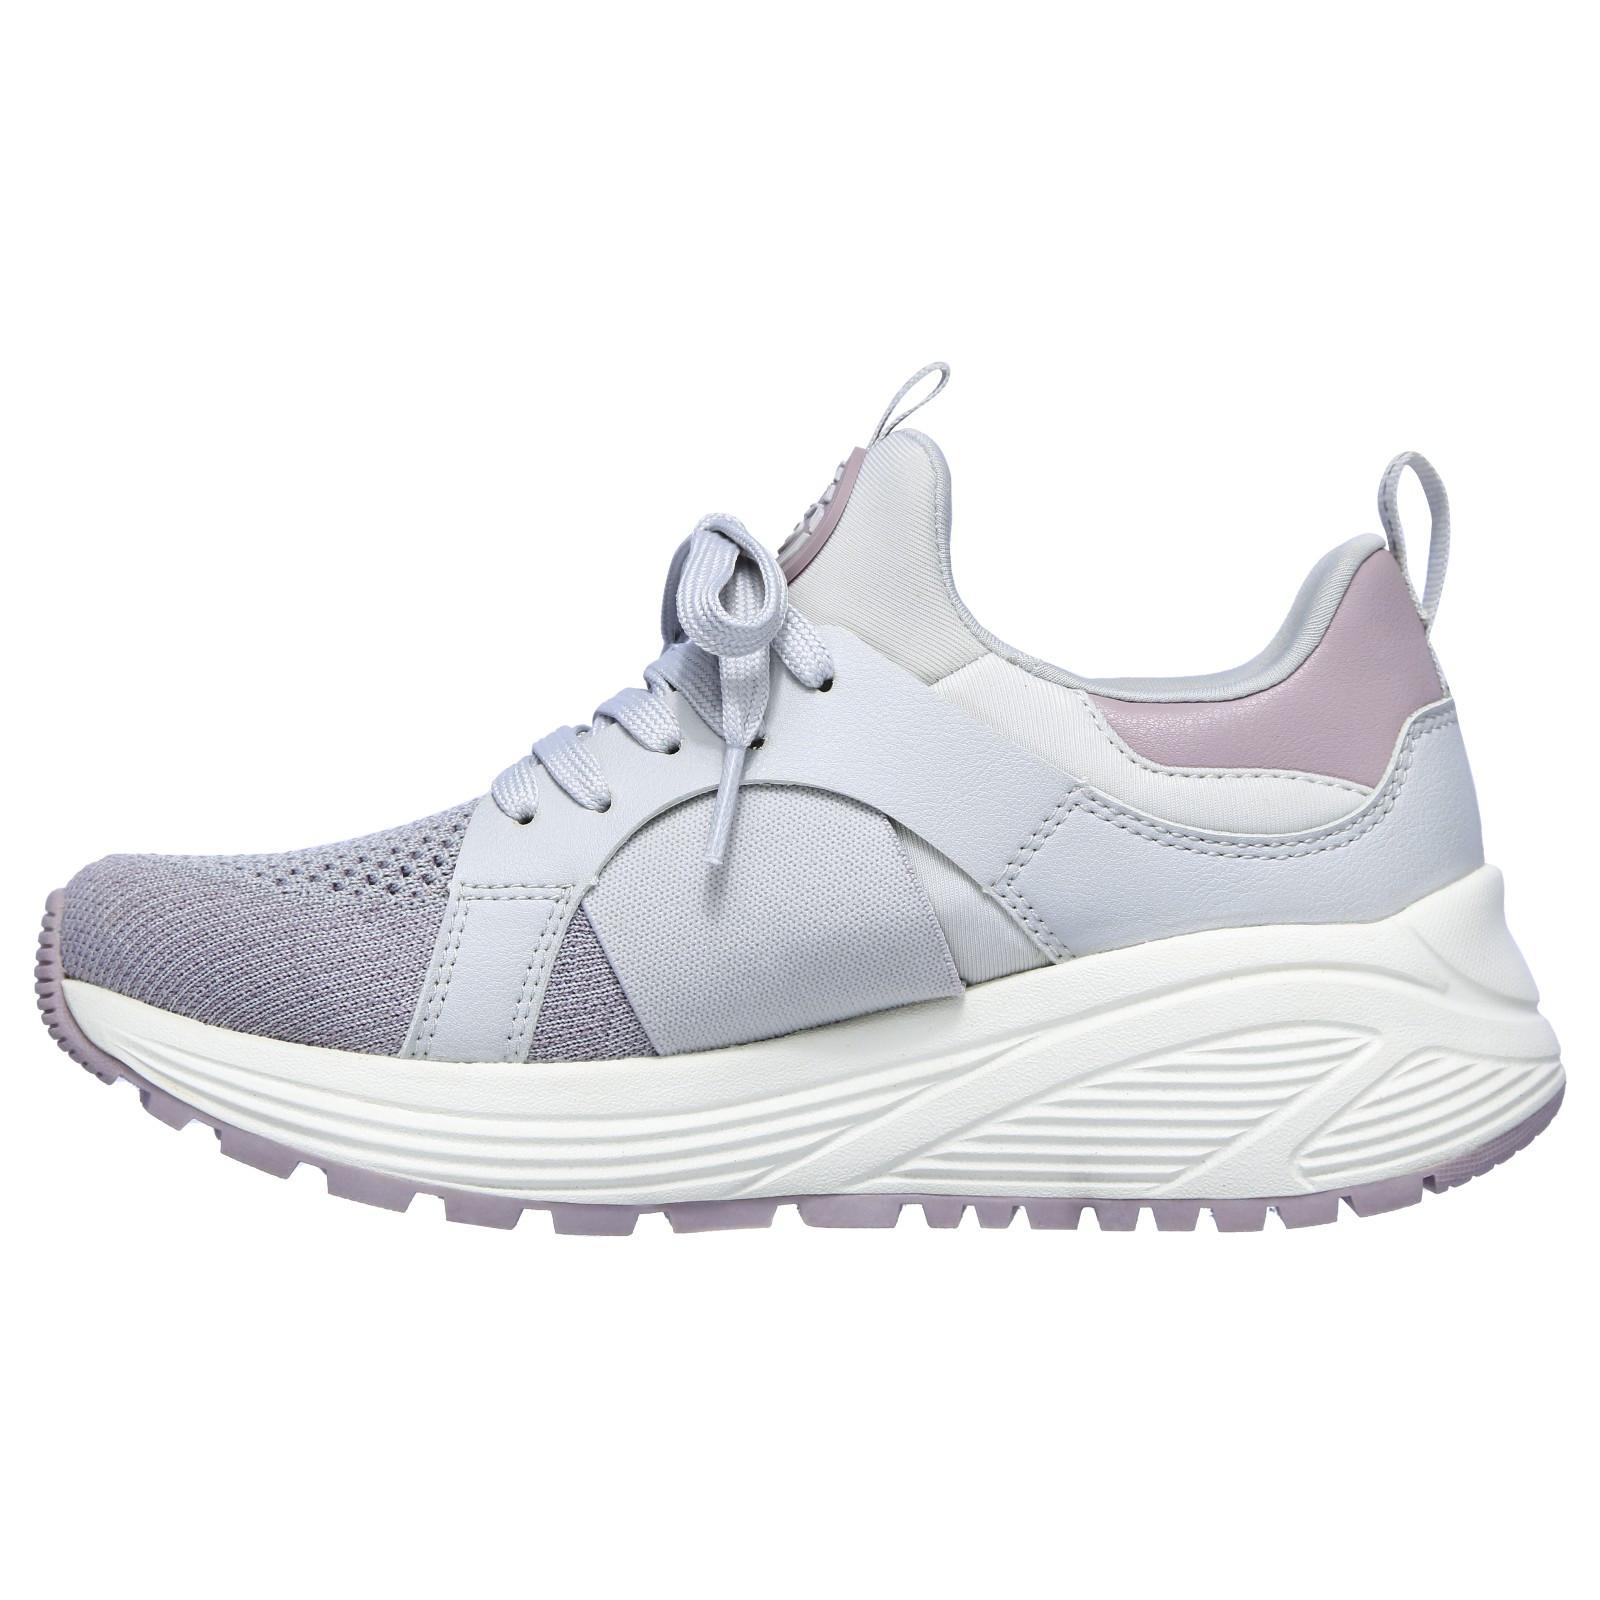 Skechers női fűzős sneaker cipő 117013 GYM Bobs Sparrow 2.0